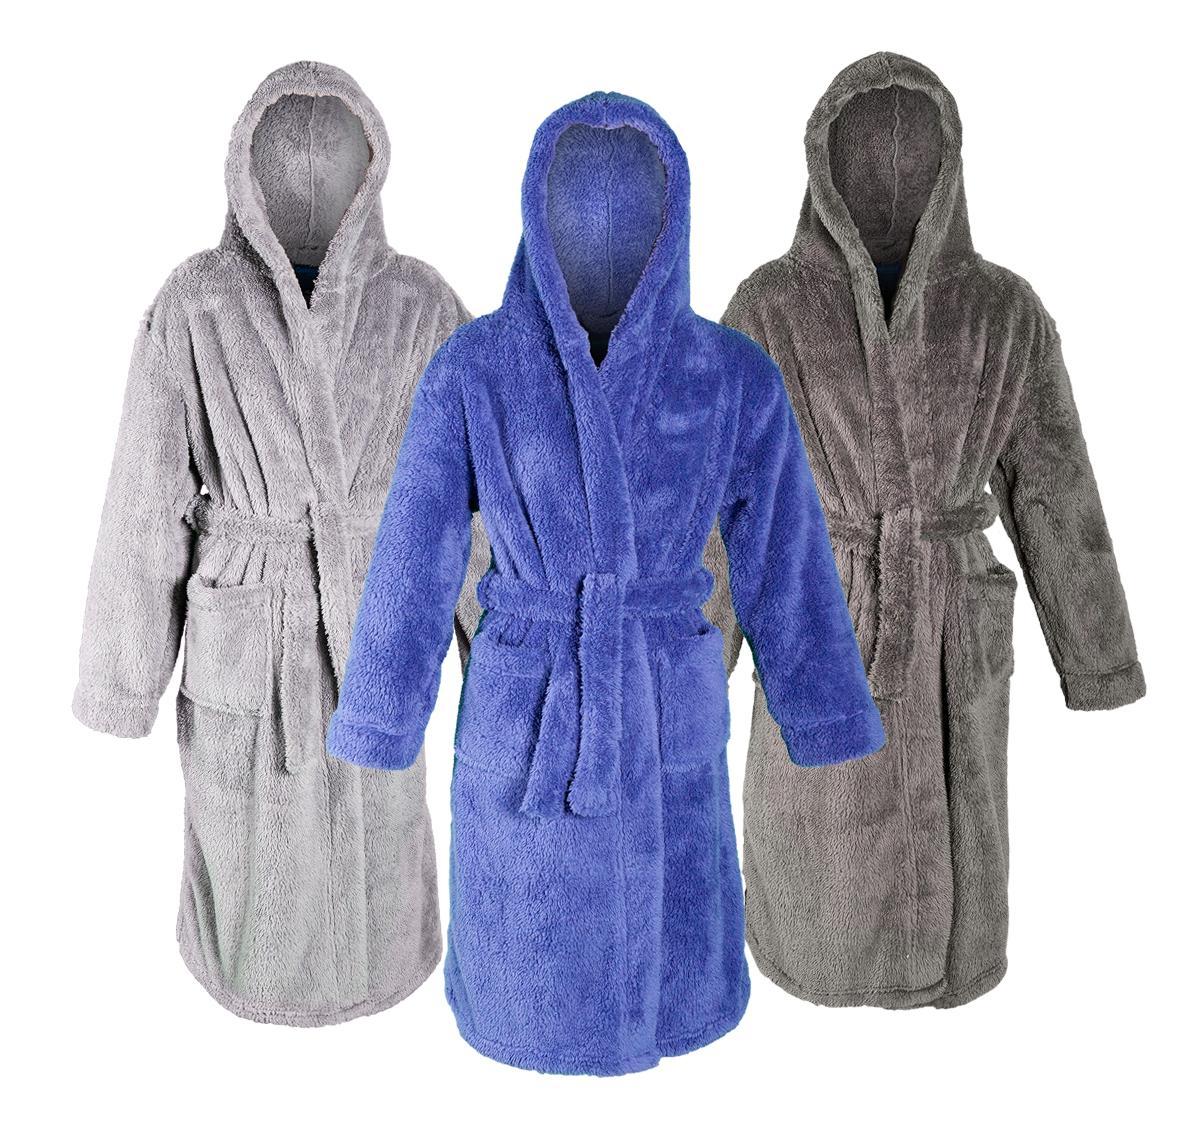 MINIKIDZ Childrens Kids Boys Dressing Gown Robes a37a5a050